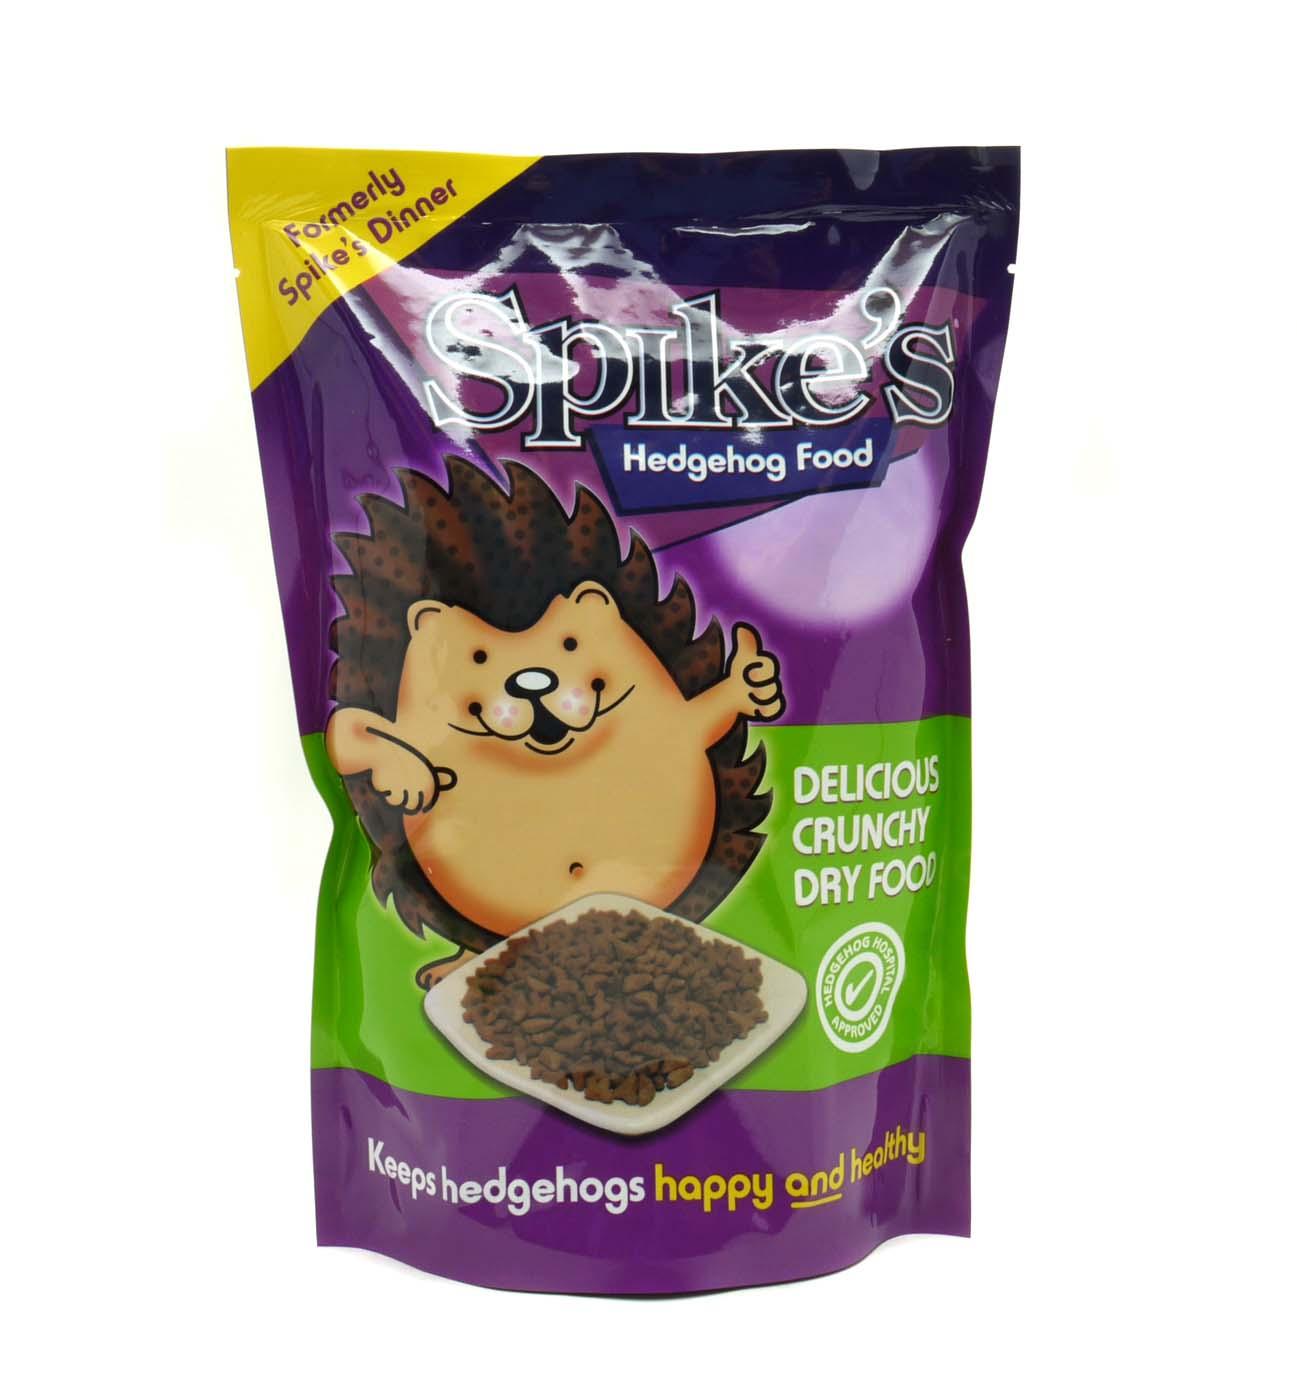 Dry Hedgehog Food